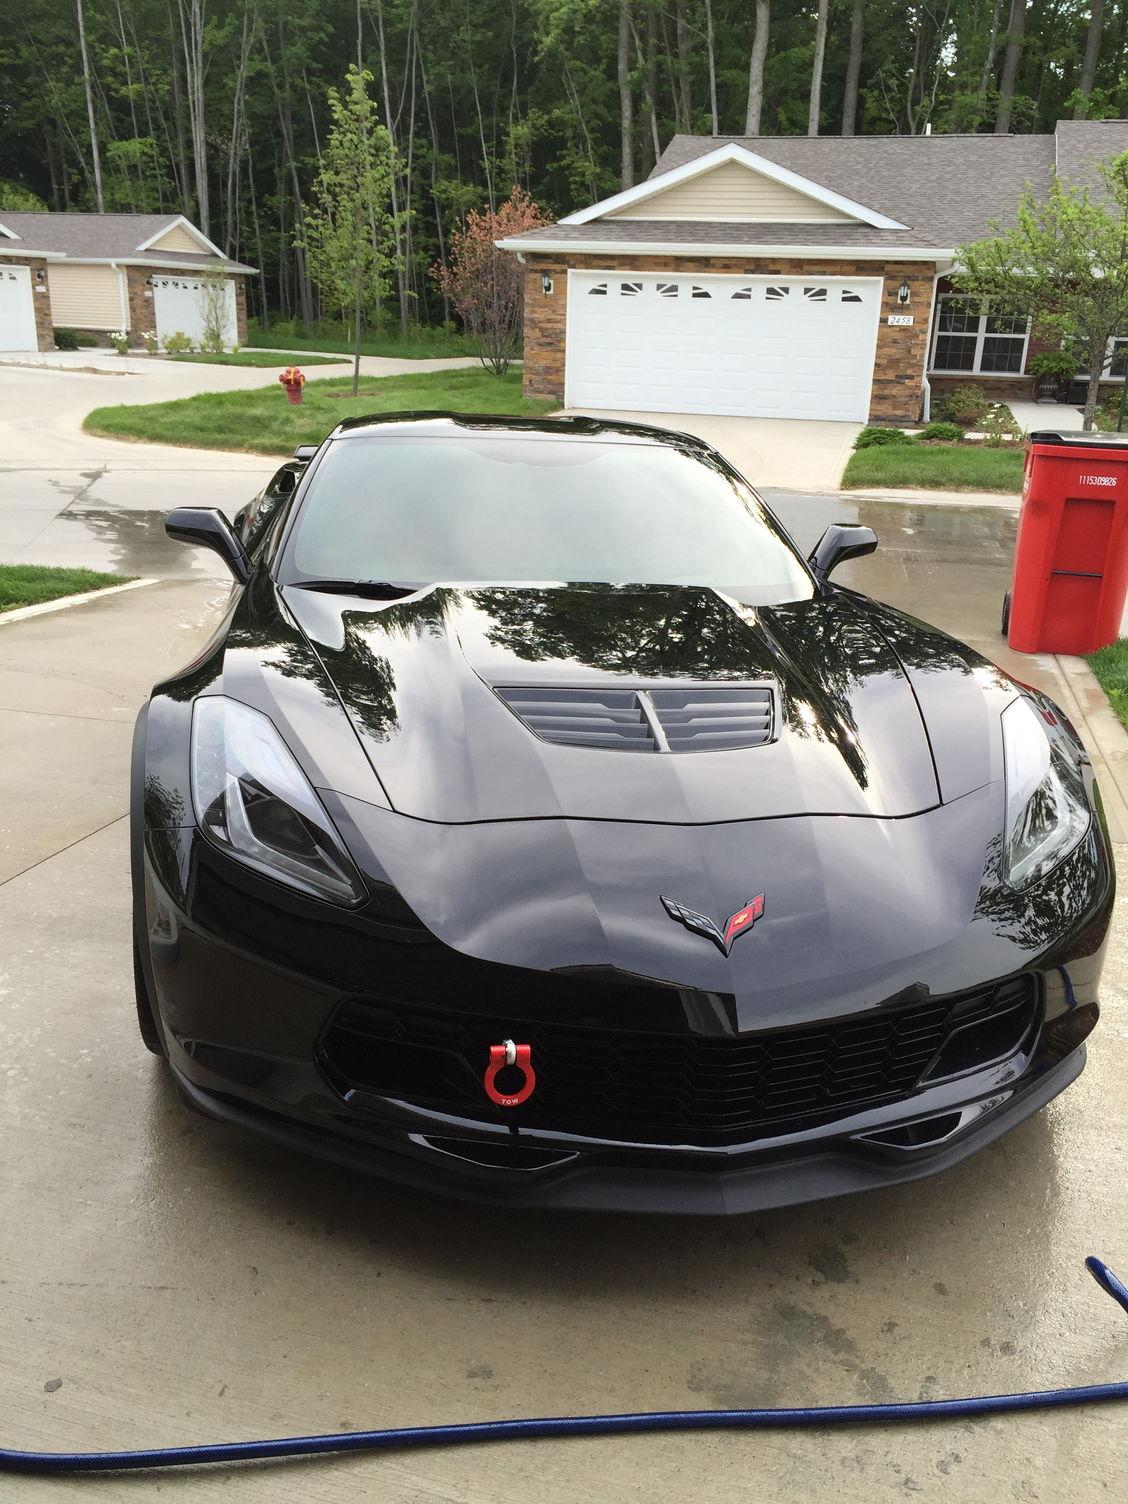 fs for sale 2015 black c7 z06 3lz with mods corvetteforum chevrolet corvette forum discussion. Black Bedroom Furniture Sets. Home Design Ideas